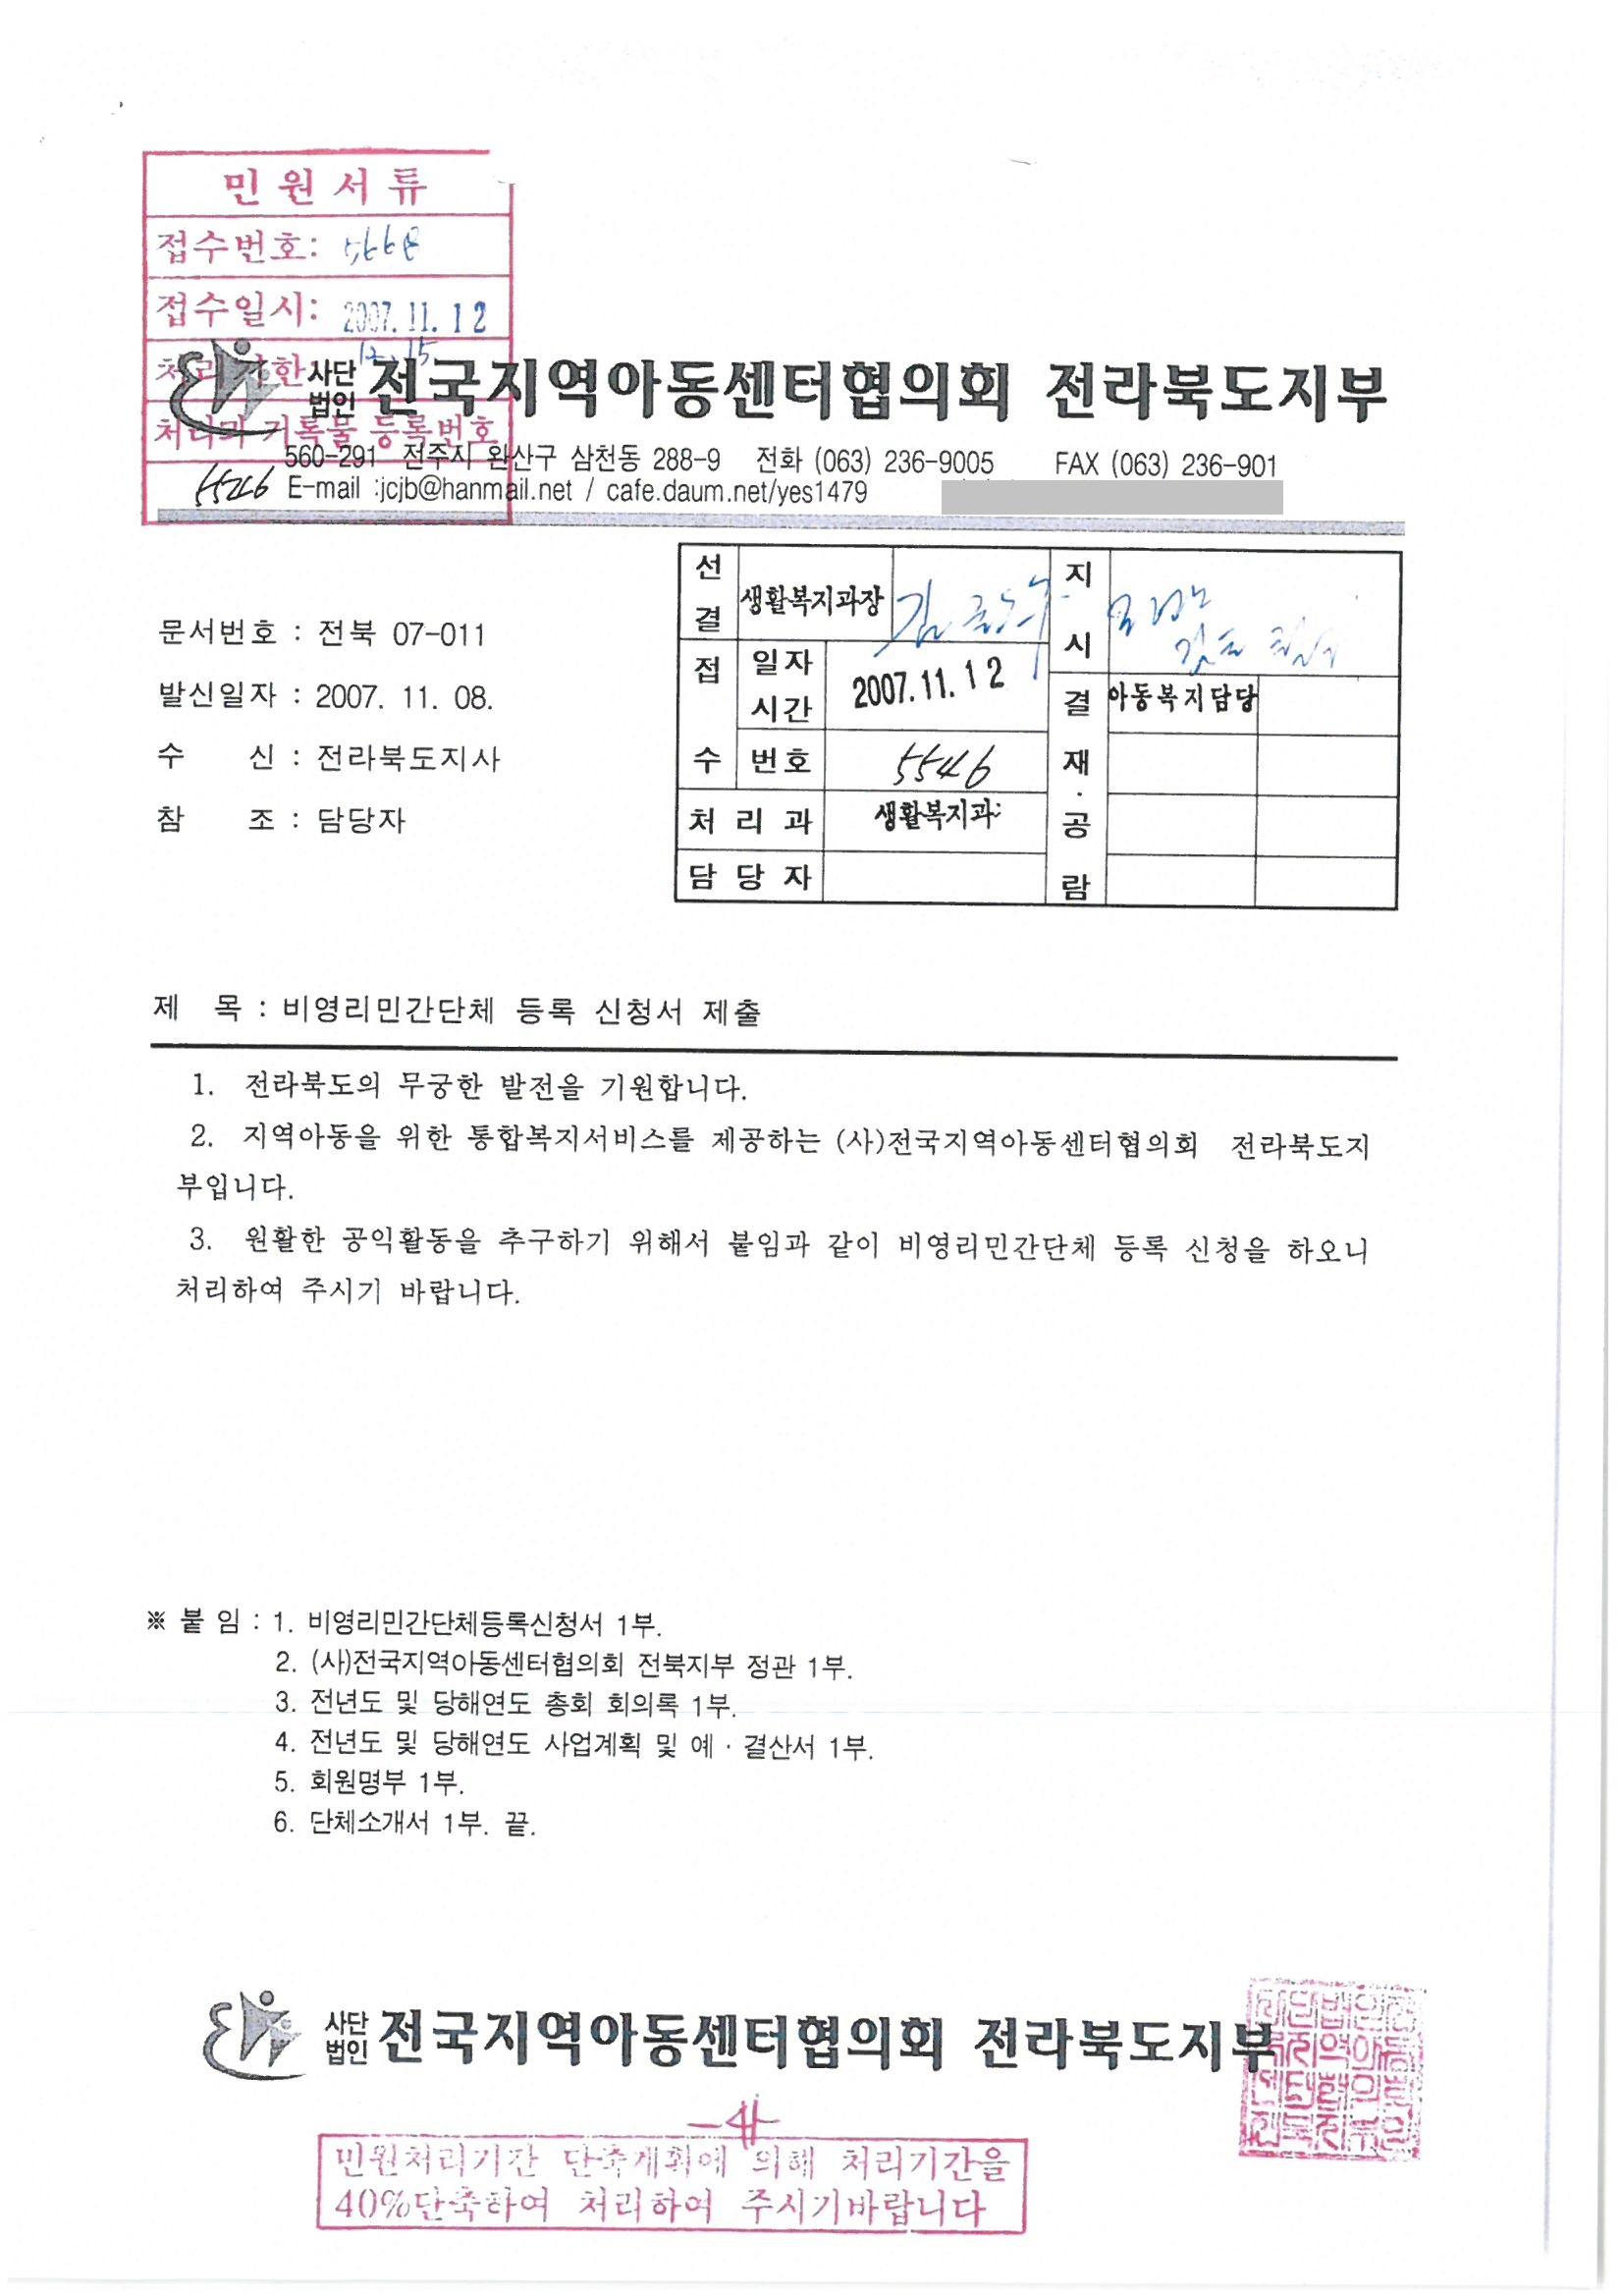 2007년 비영리민간단체등록 신청서_1(공개).jpg